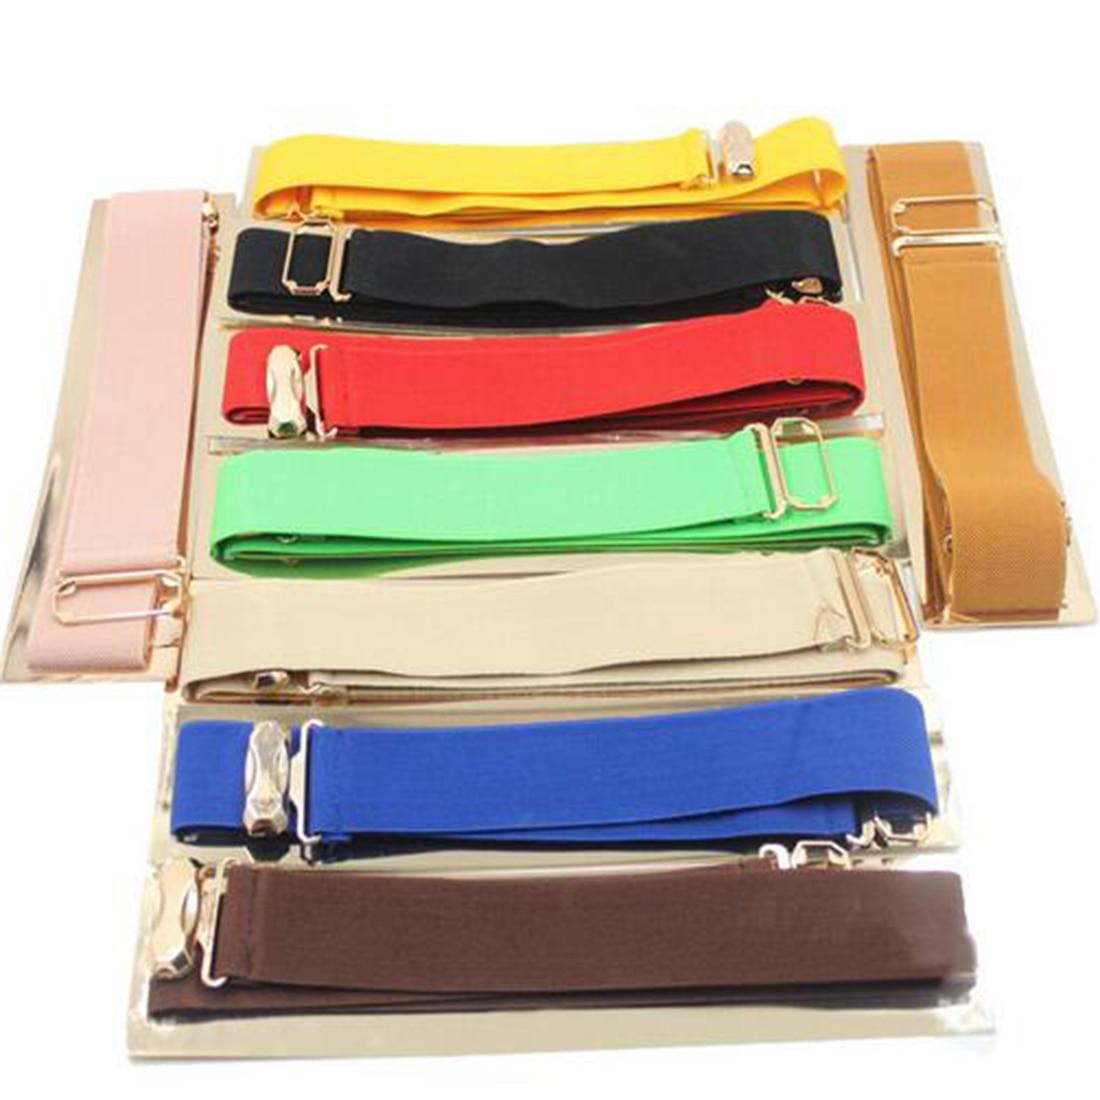 Elastic Metal Mirror Golden Sequins Waist Belt Waistband Stretchy Elastic Solid Waist Belts Cummerbund For Apparel Accessories